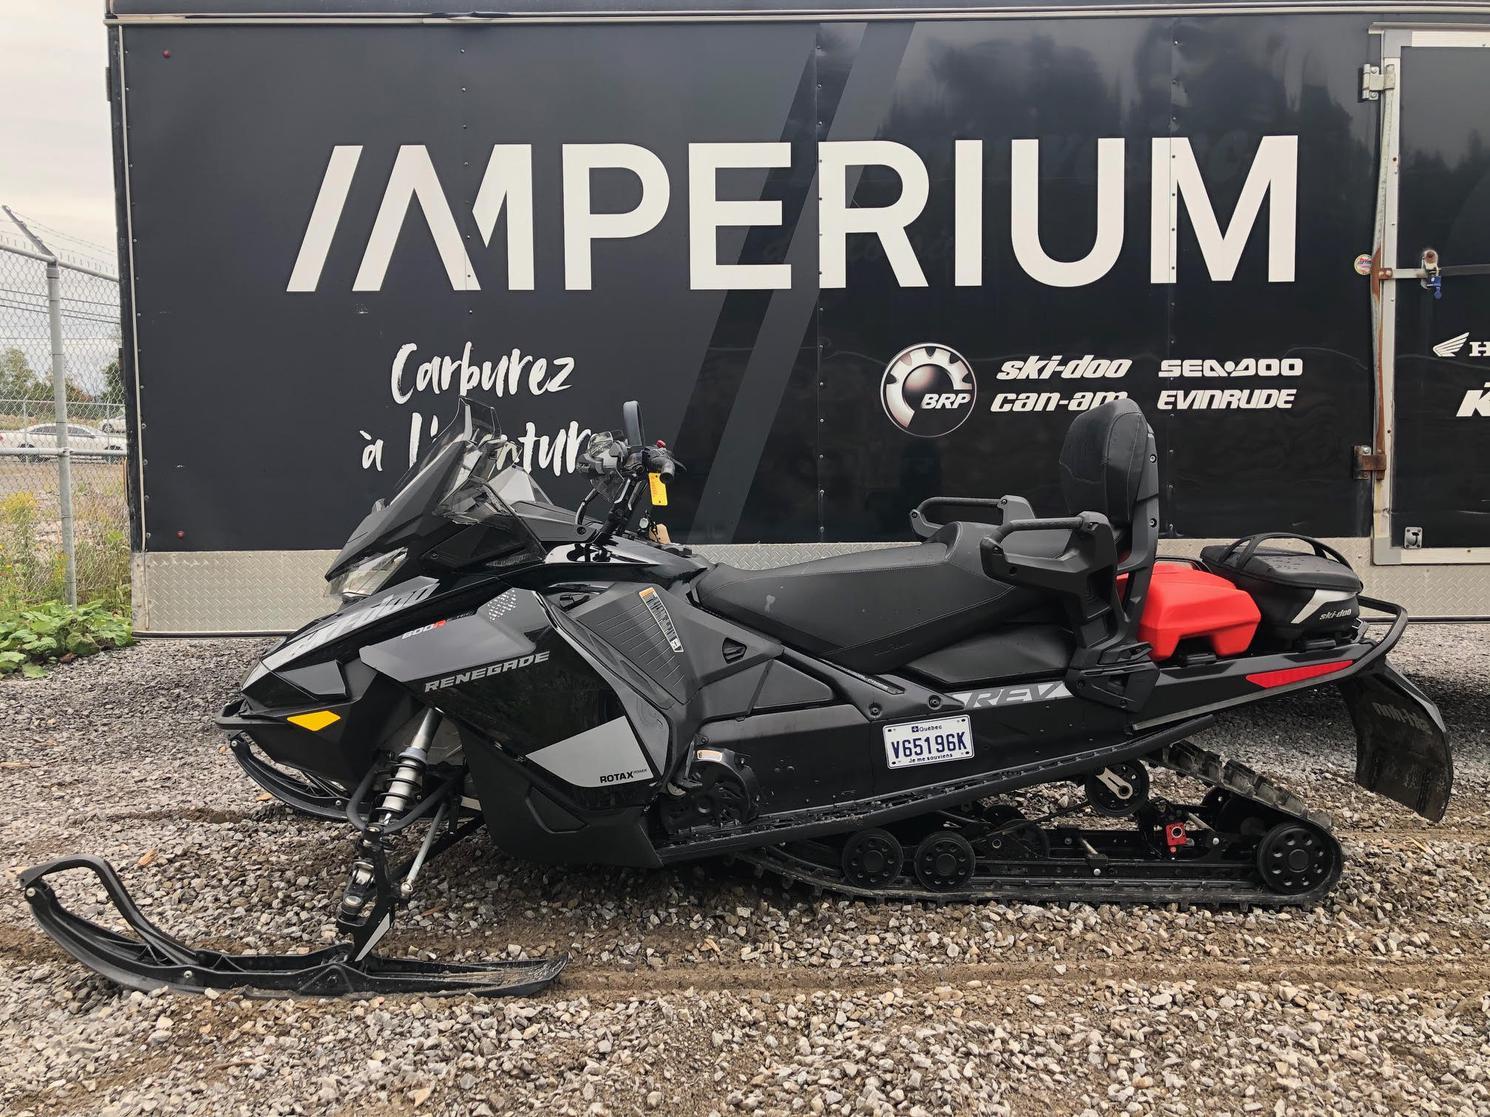 2020 Ski-Doo Renegade Adrenaline 600 ETEC